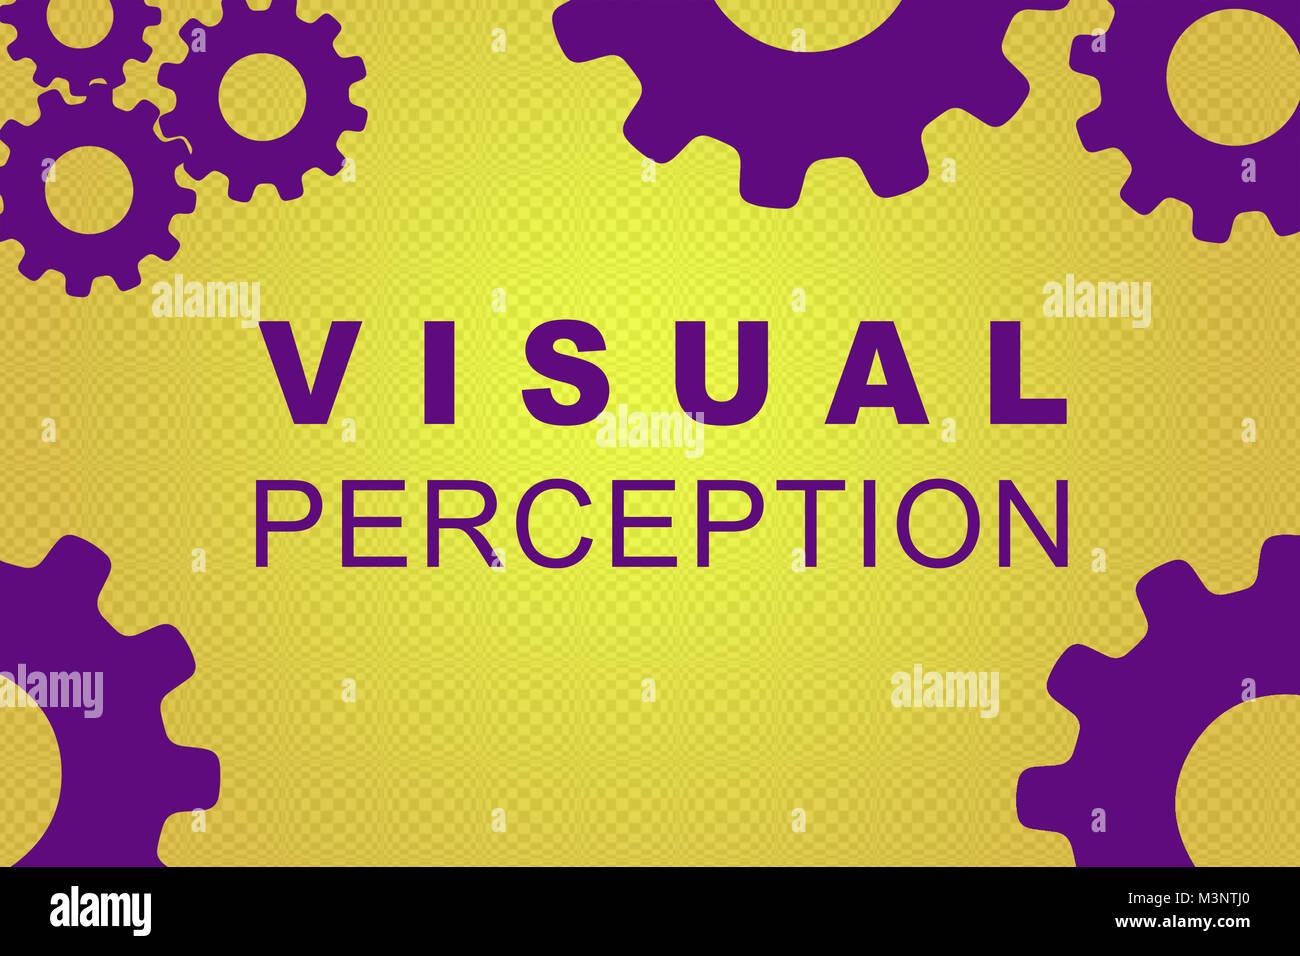 Visuelle Wahrnehmung sign Konzept Abbildung mit violett Zahnrad Zahlen auf Gelb Gradienten Stockbild